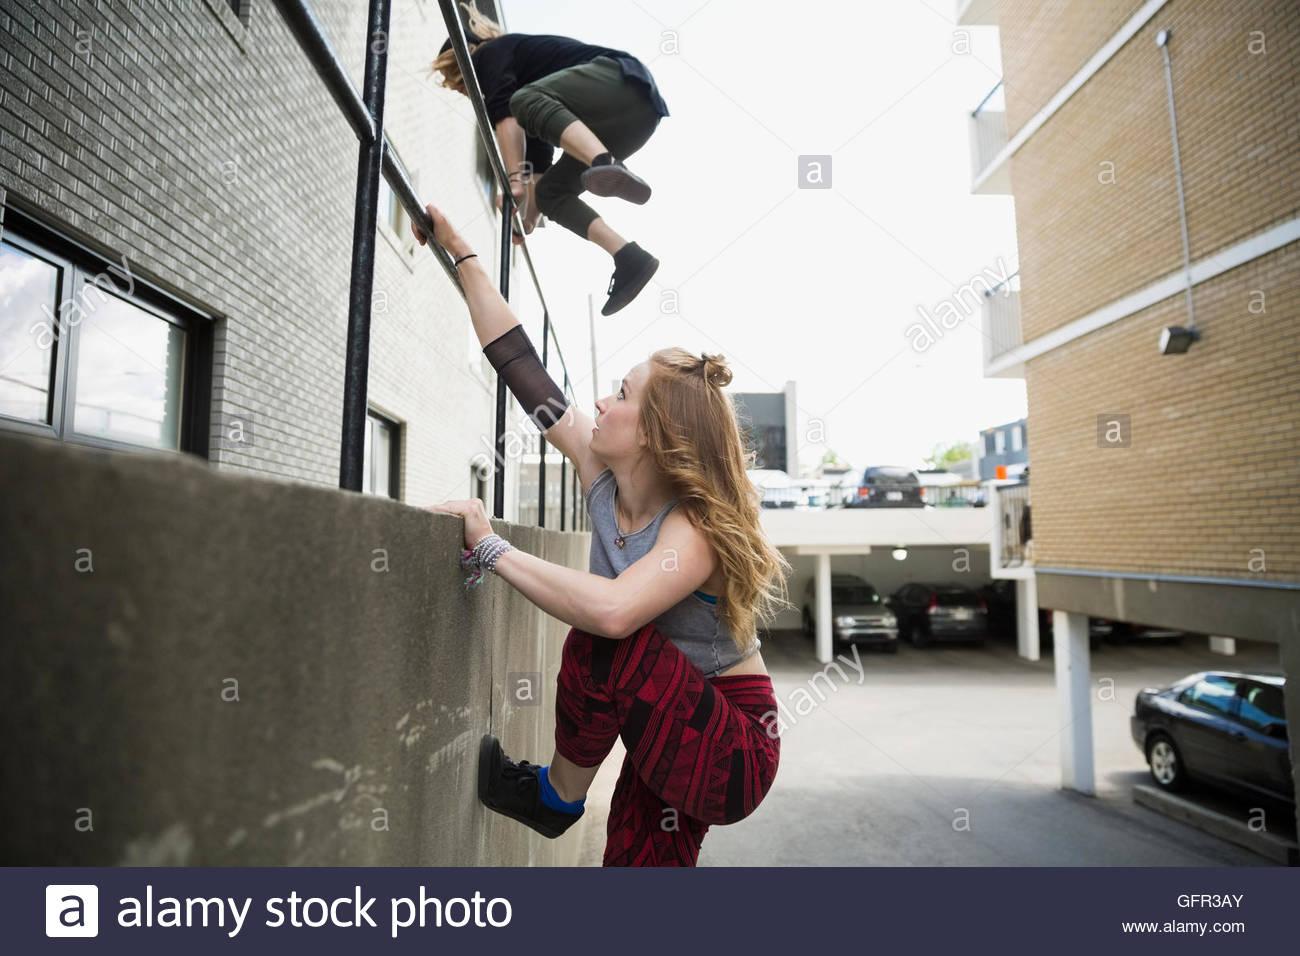 Hombre y mujer joven saltando sobre urban barandilla Imagen De Stock